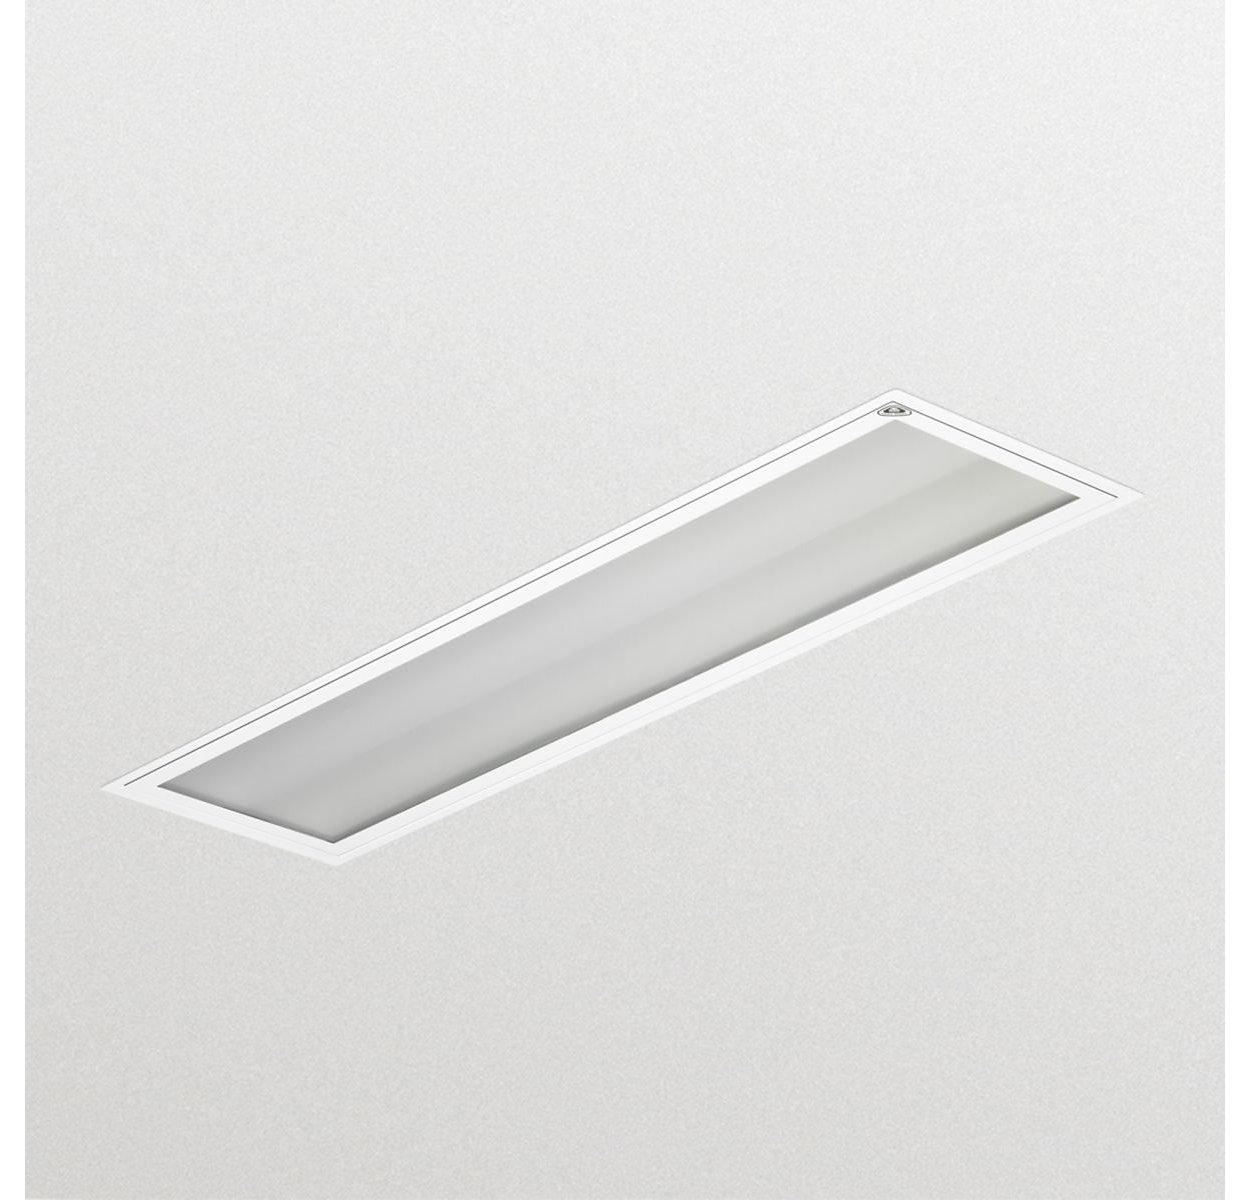 Soluție igienică și eficientă ce oferă viziune excelentă în spațiile de lucru